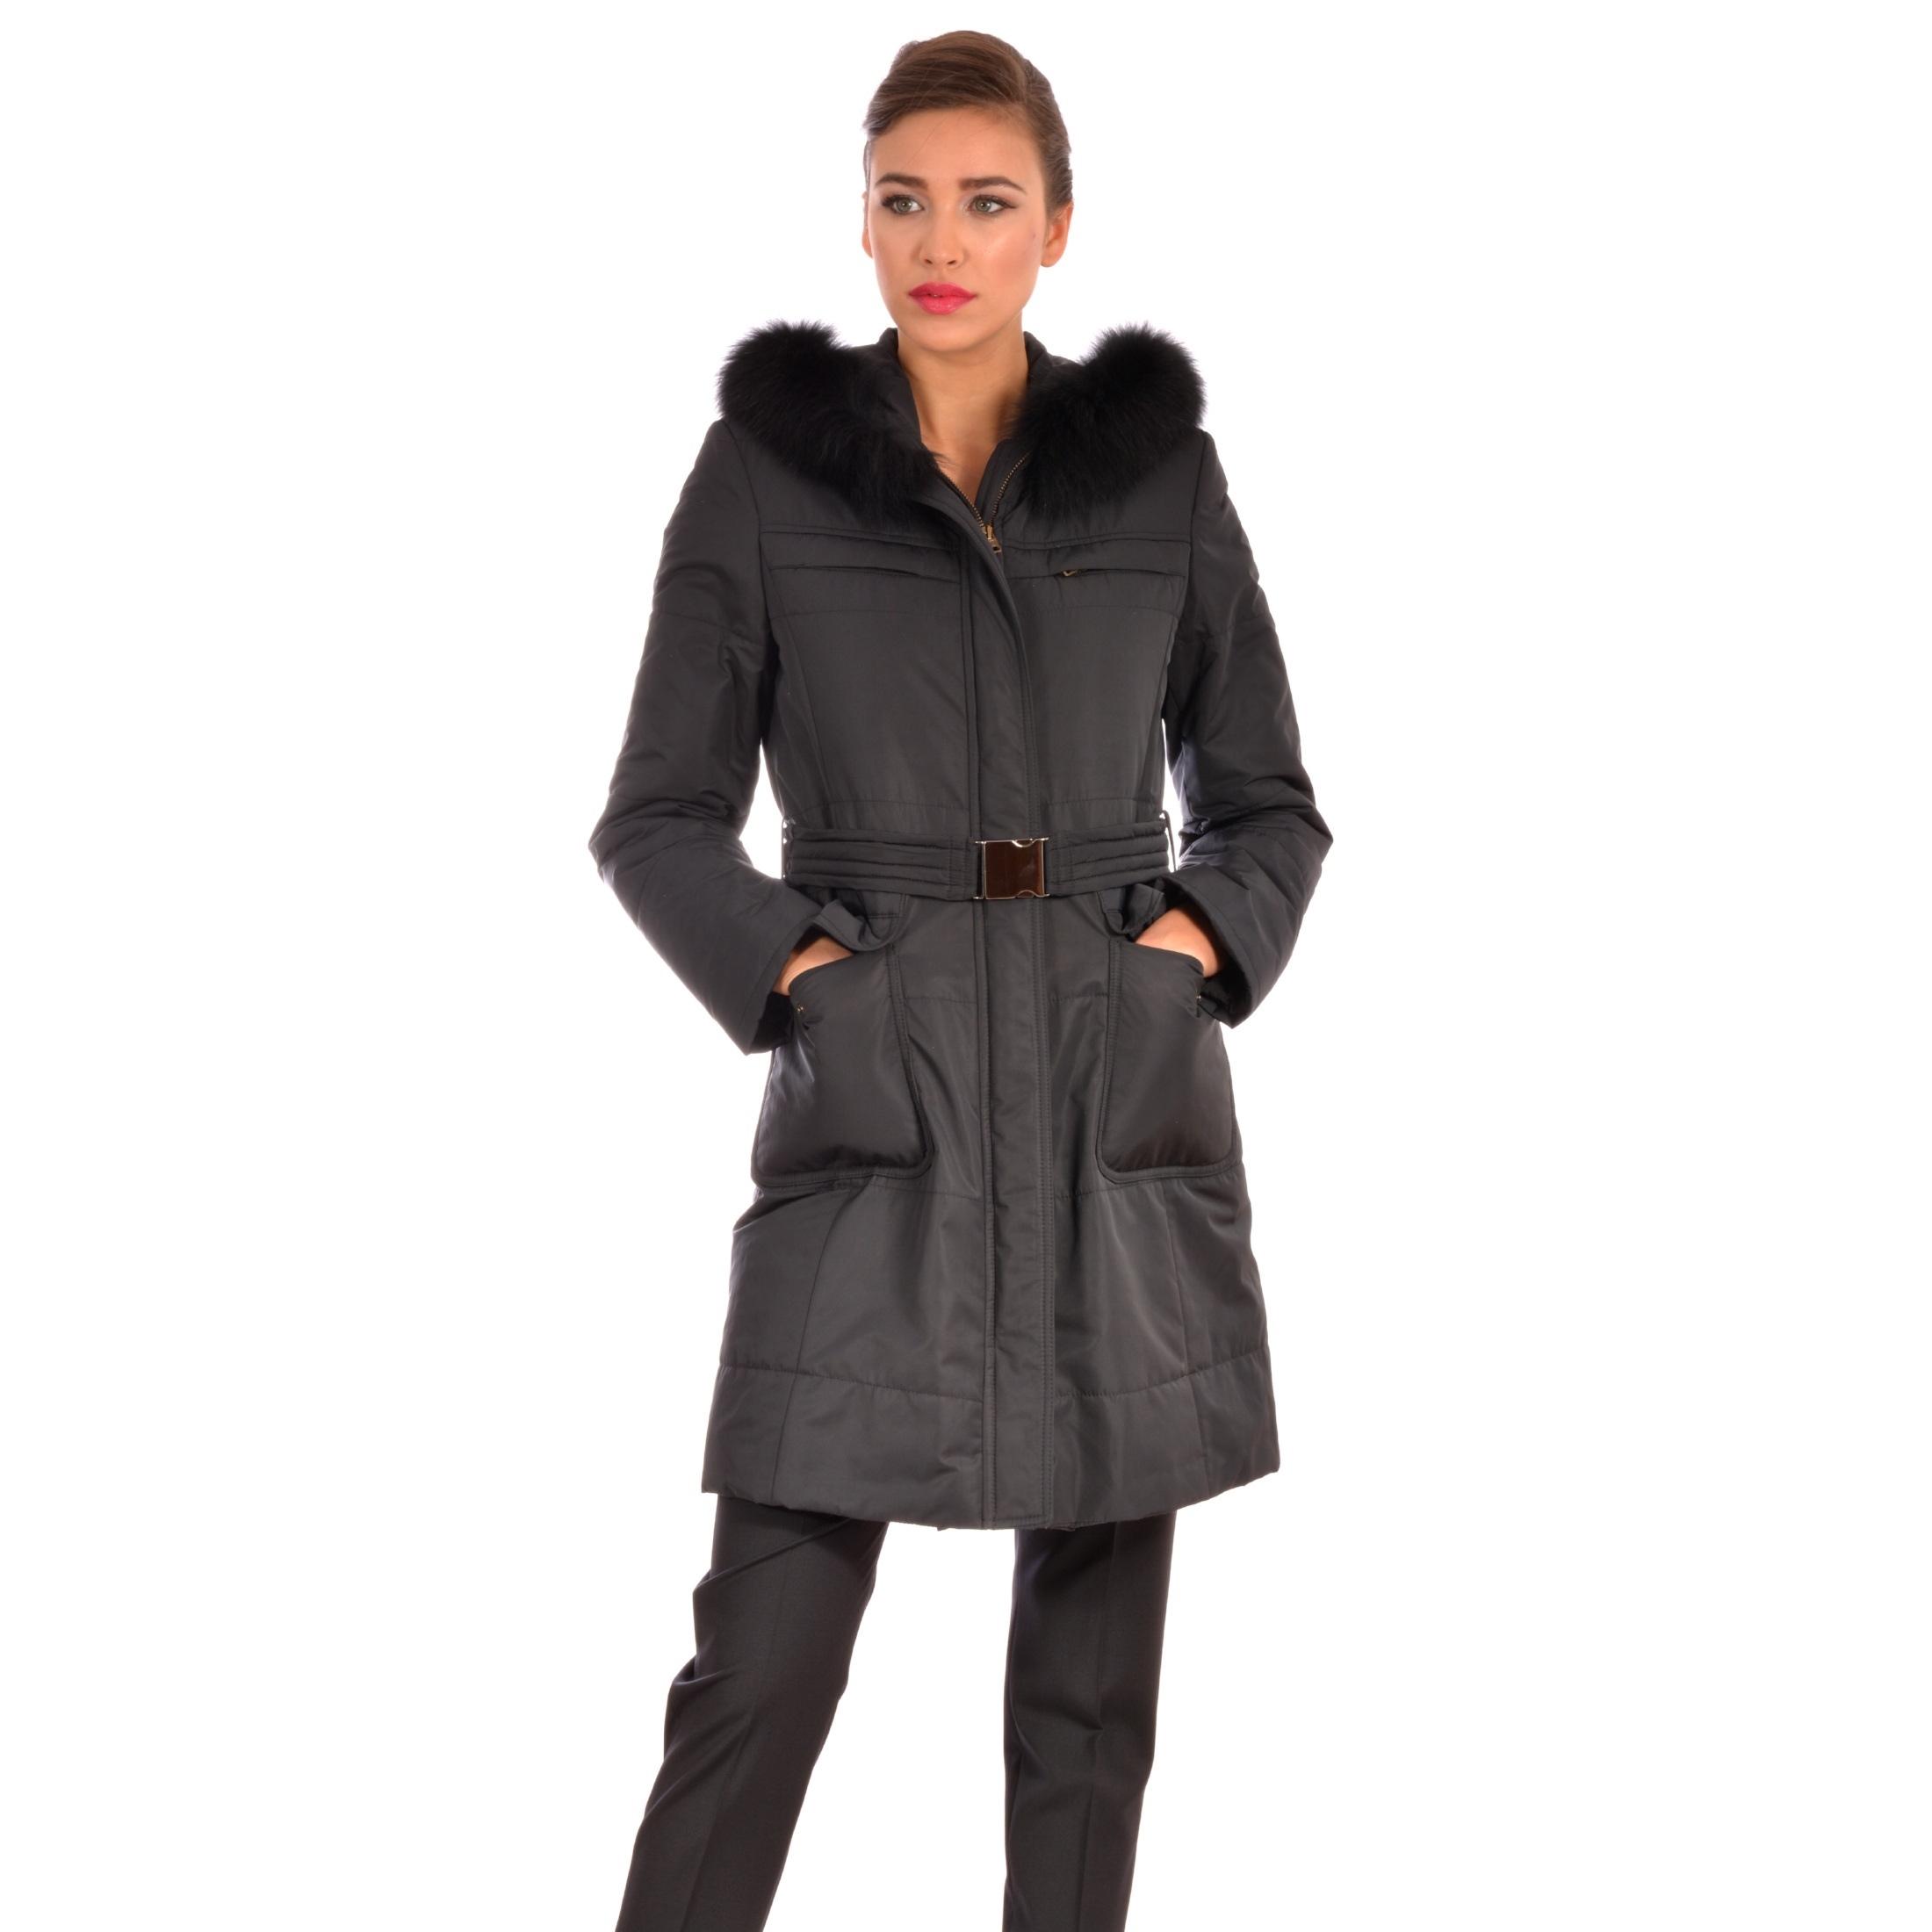 Bild von Women's Jacket with Hood - LM40779